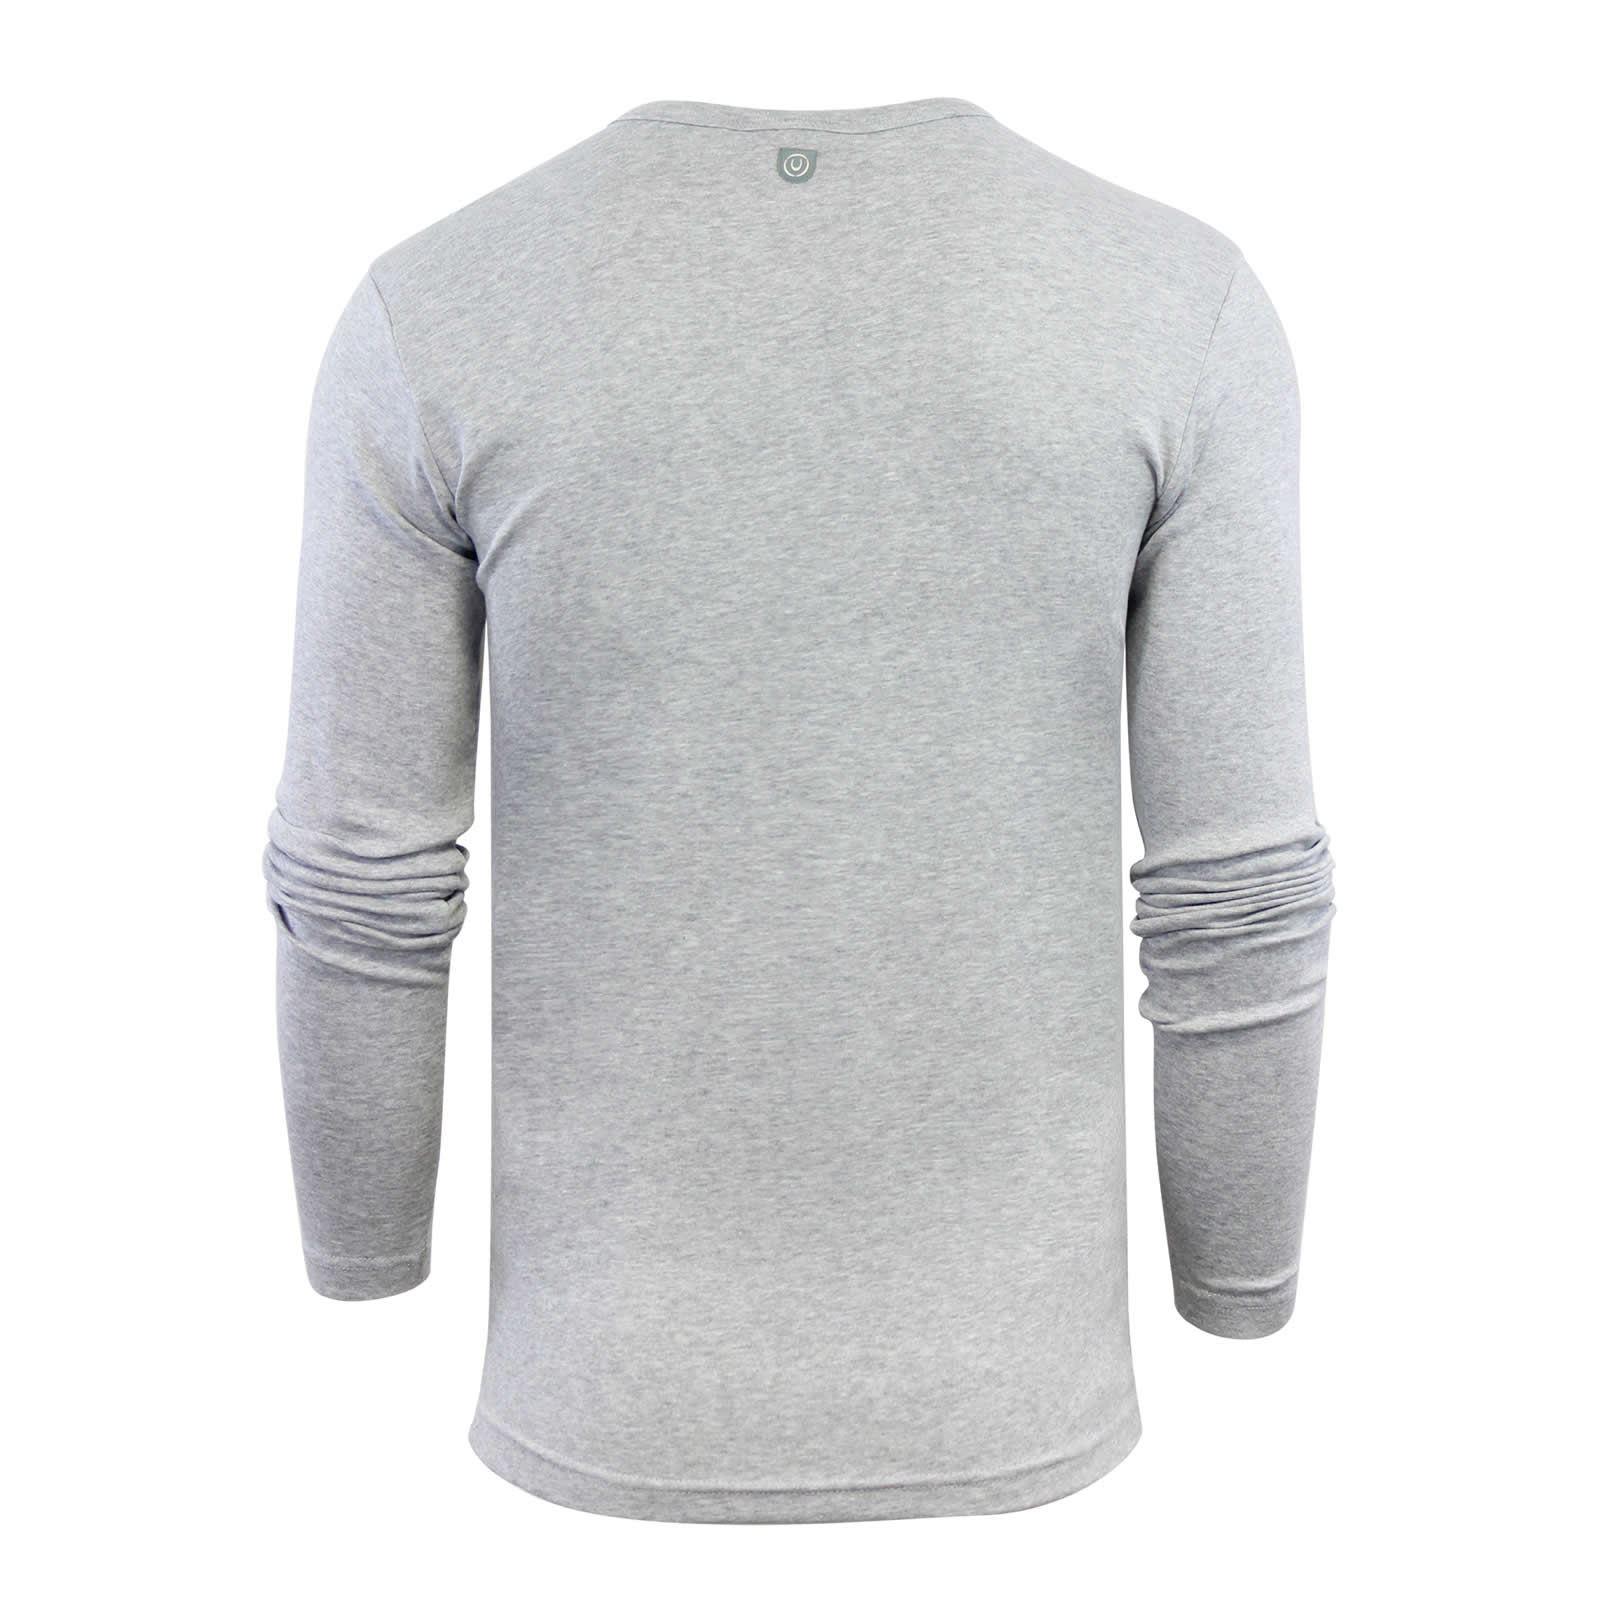 Duck-amp-Cover-STOCK-Homme-T-shirt-coton-confort-stretch-a-encolure-ras-du-cou-T-shirt-manches miniature 13